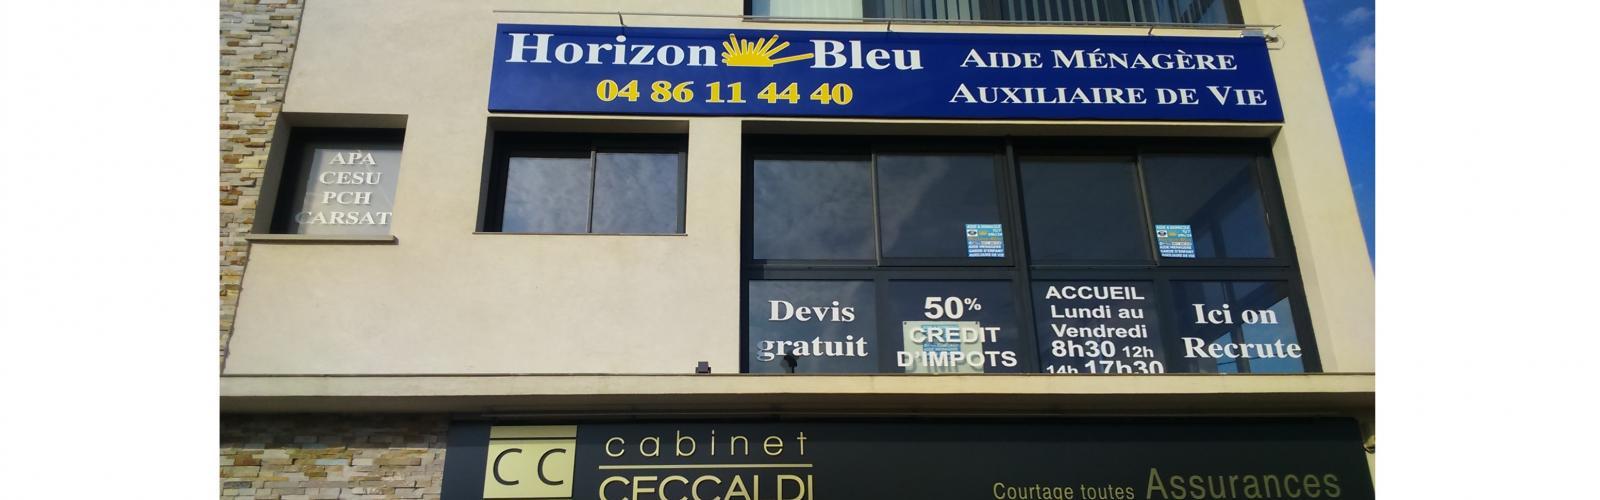 Horizon Bleu - La Ciotat